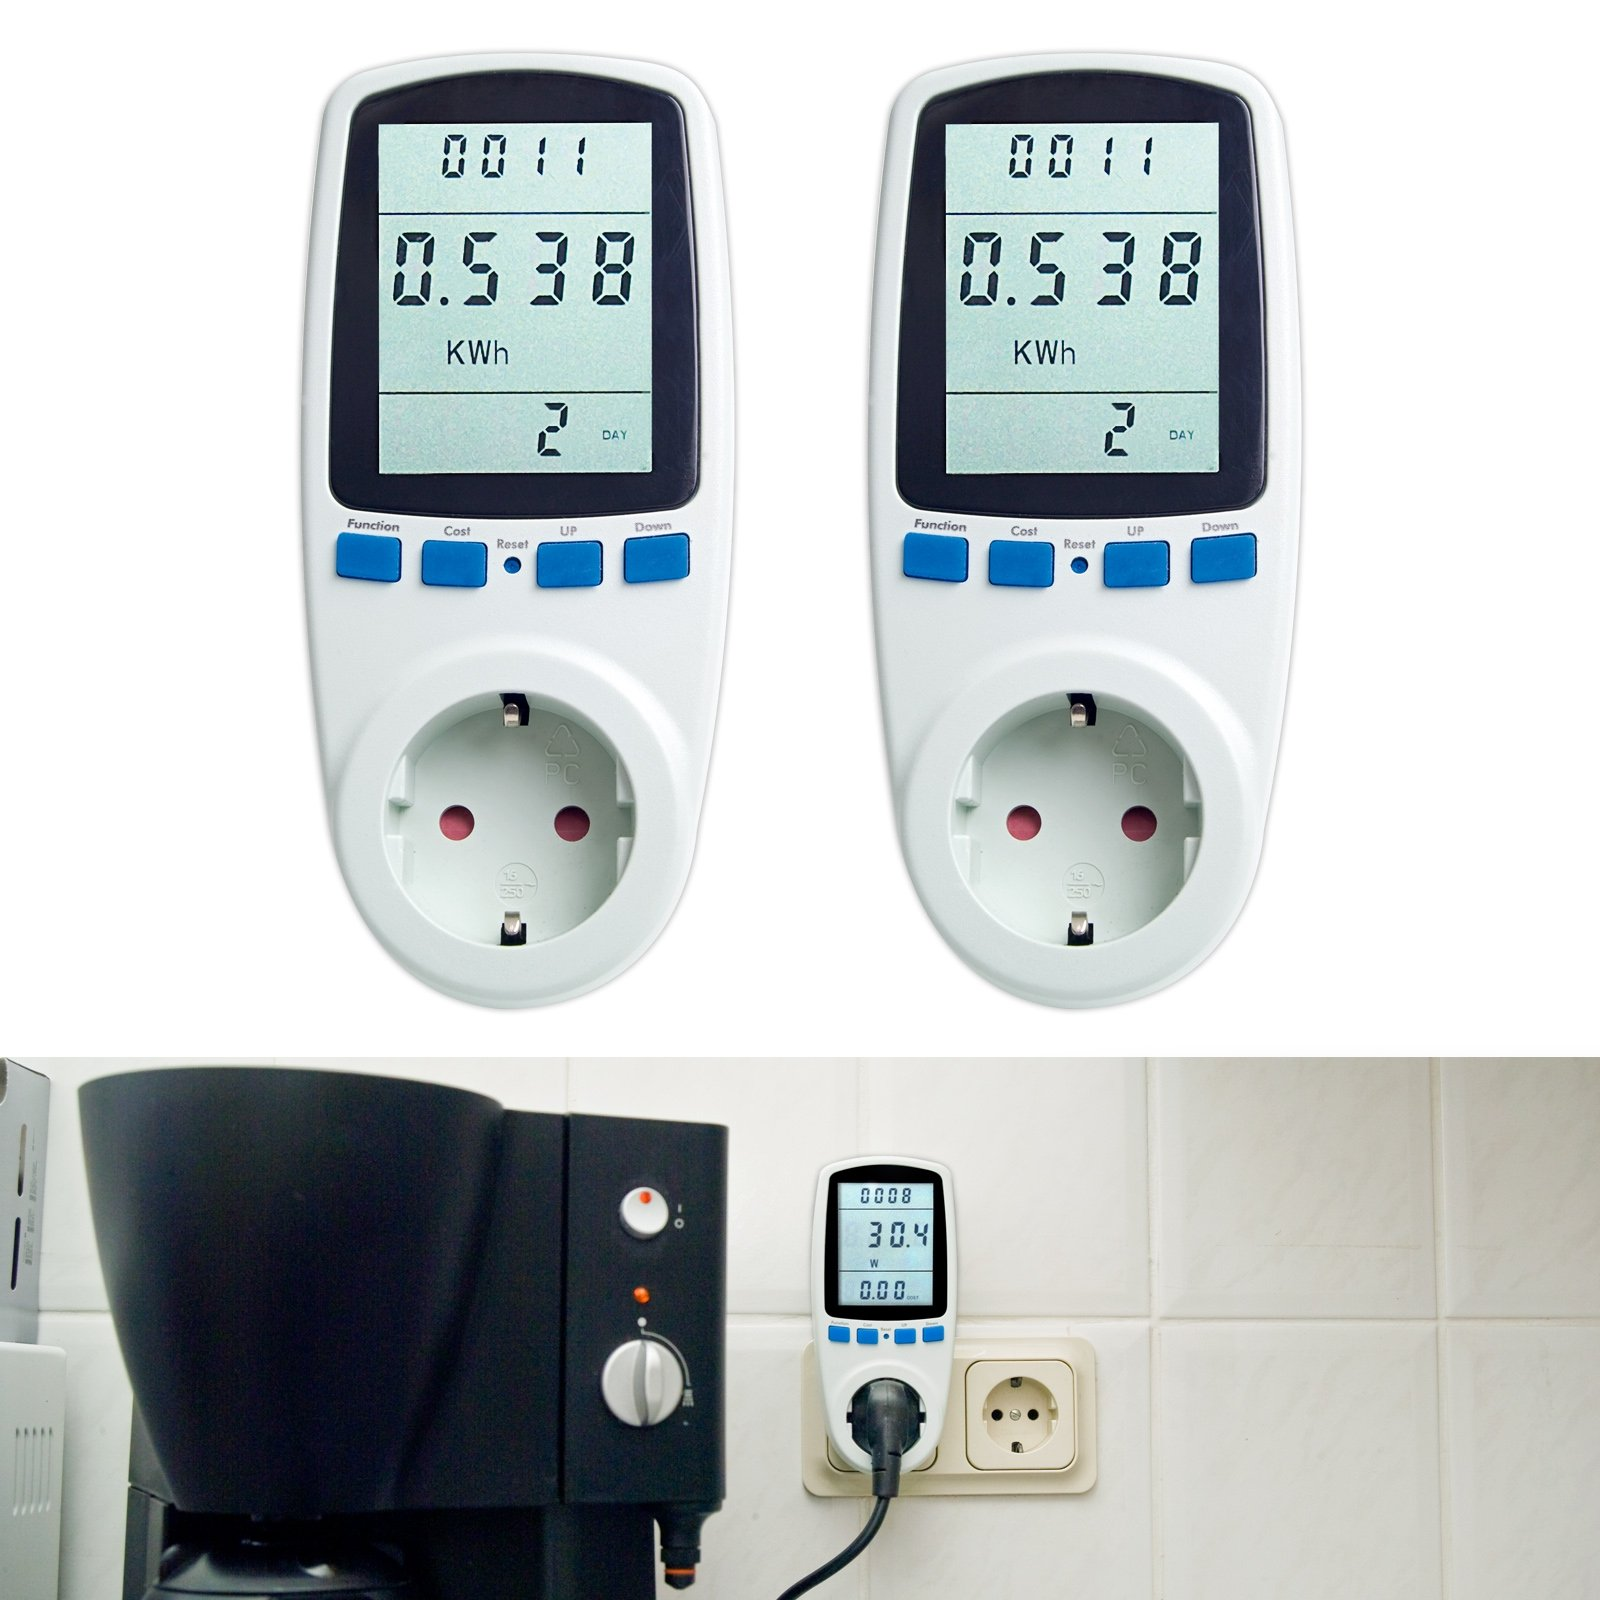 Asigo 2er Set Energiekosten-Messgerät Premium, Stromtarif frei einstellbar, Stromverbrauch, Energiekostenmessgerät, Stromverbrauchszähler | Deutscher Hersteller product image